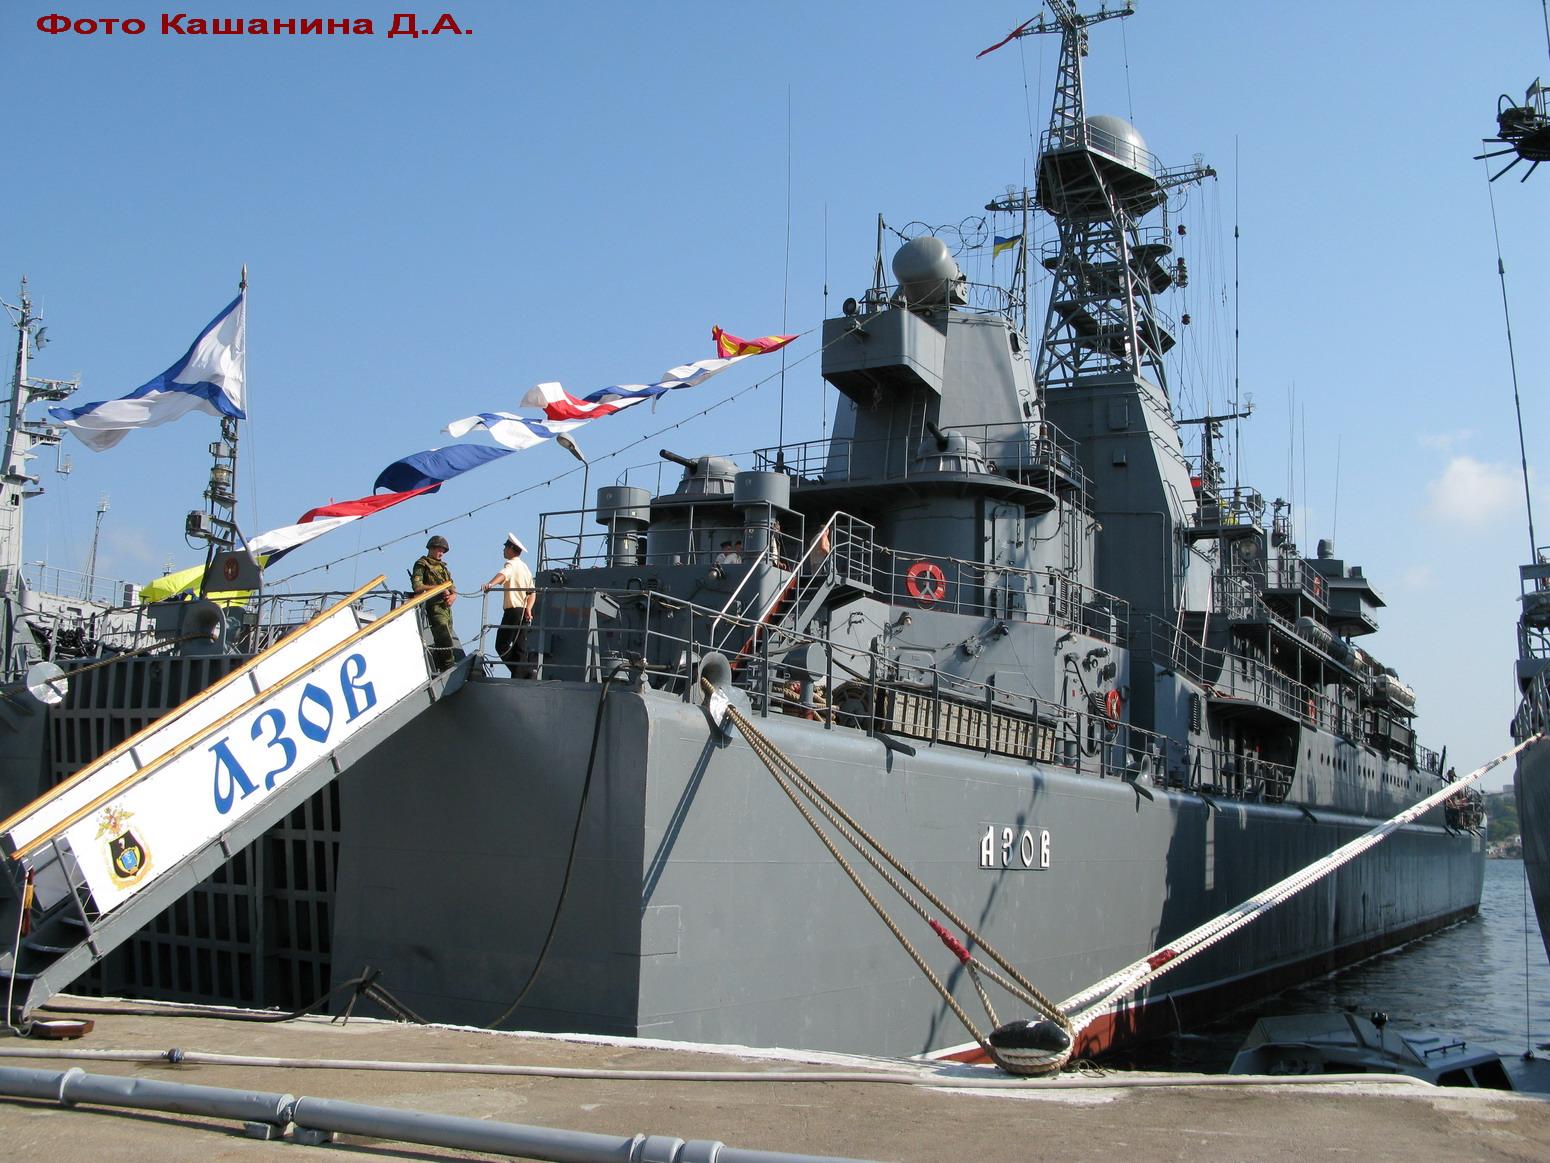 БДК-54 Азов 10.08.08.jpg